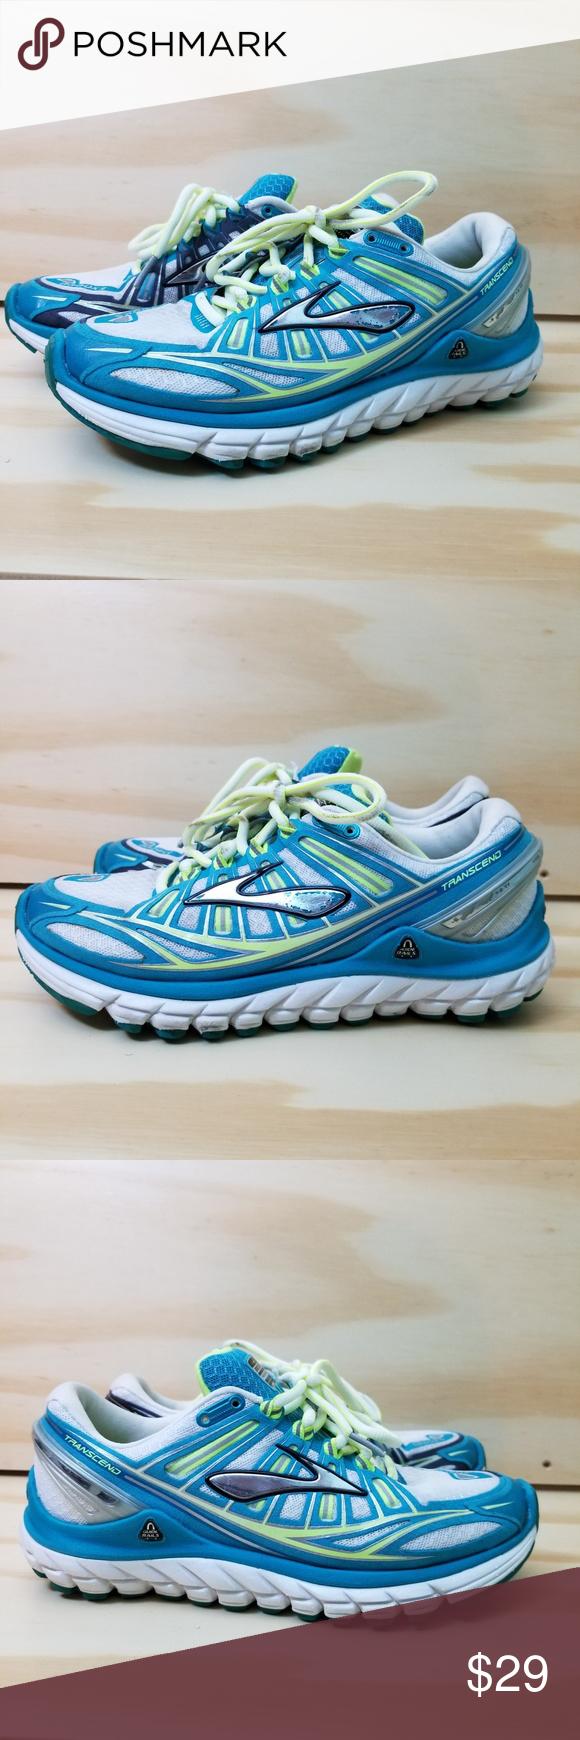 a8d5767399af Brooks Trancend Running Shoes Size 6 Brooks Trancend Running Shoes Size 6  Blue White Laces Mesh